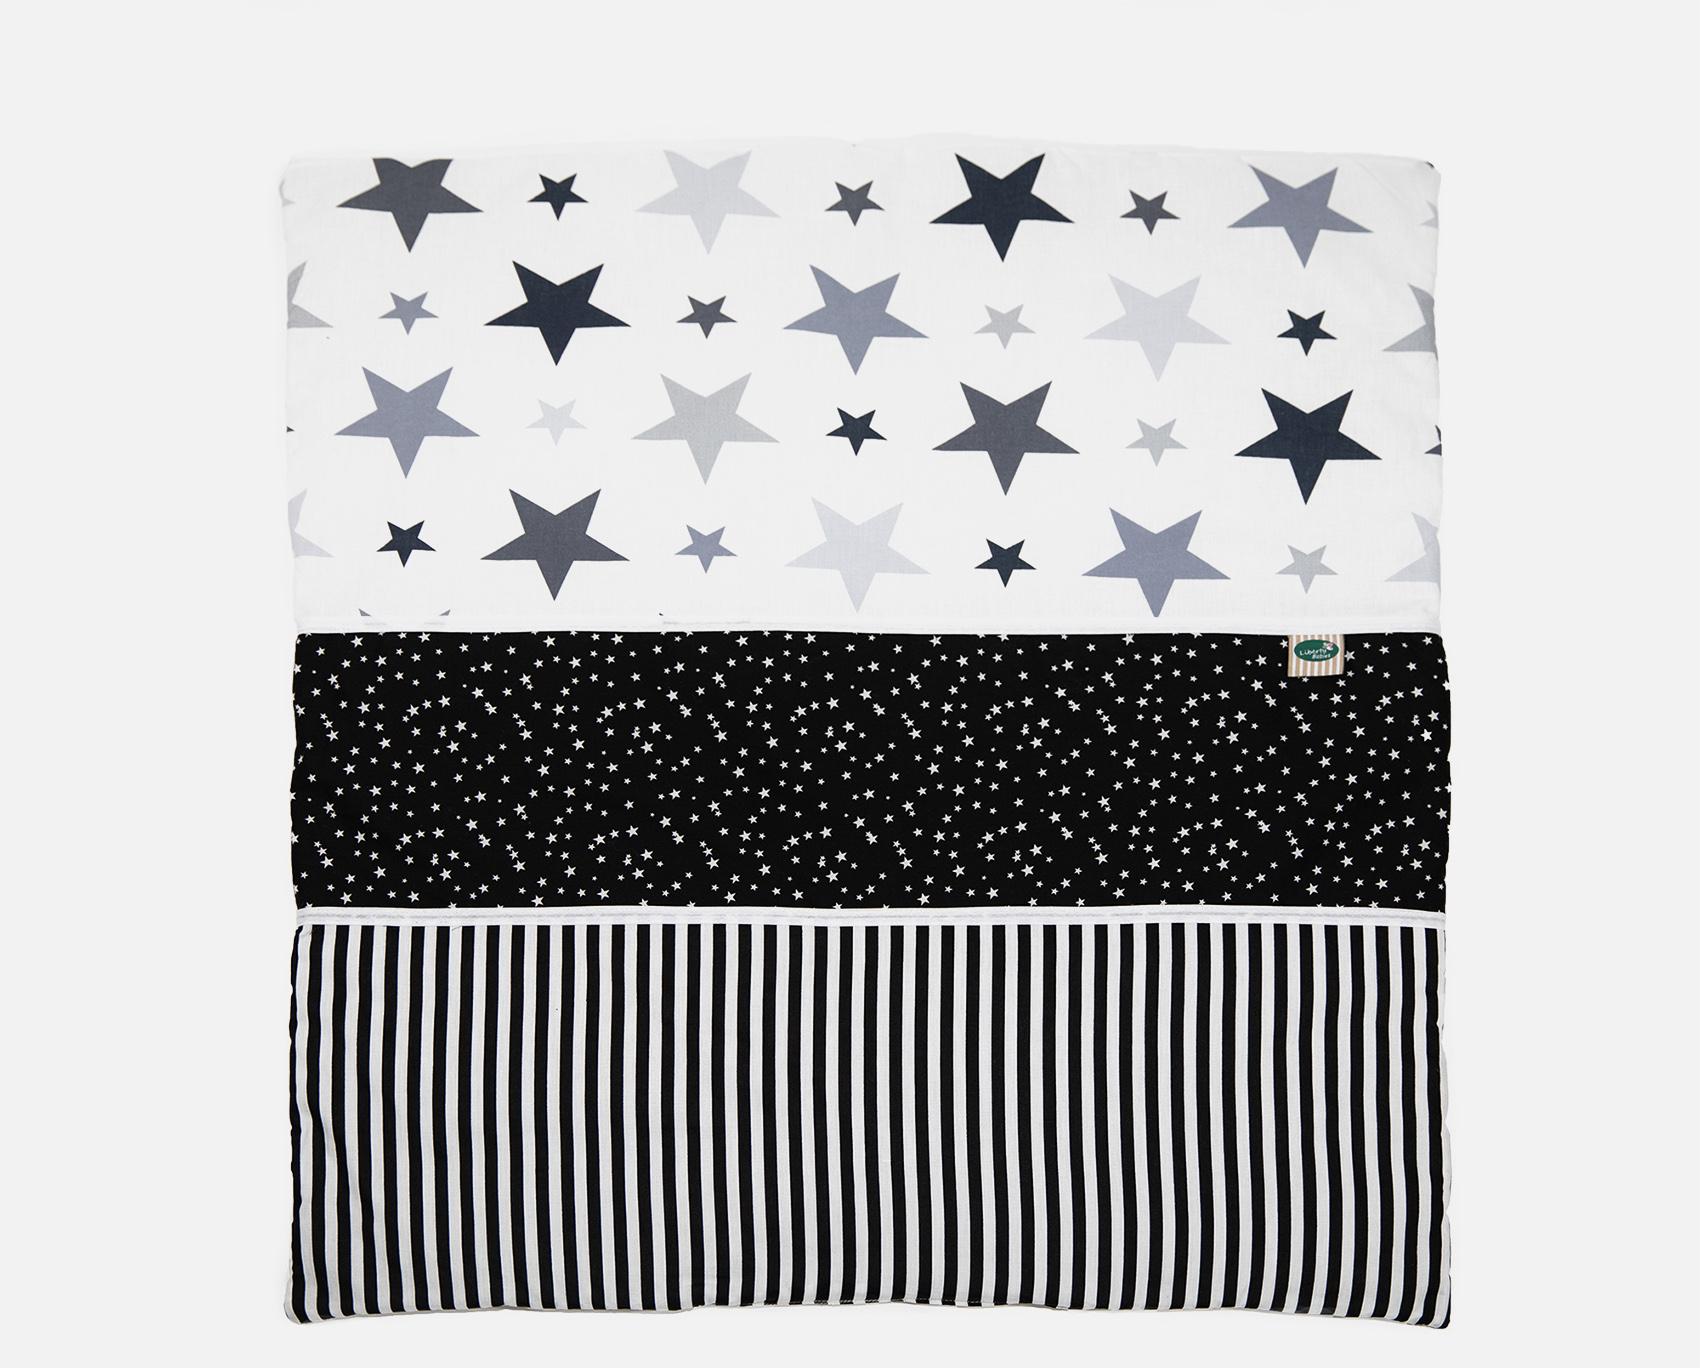 שמיכה לעריסה שחור כוכבים